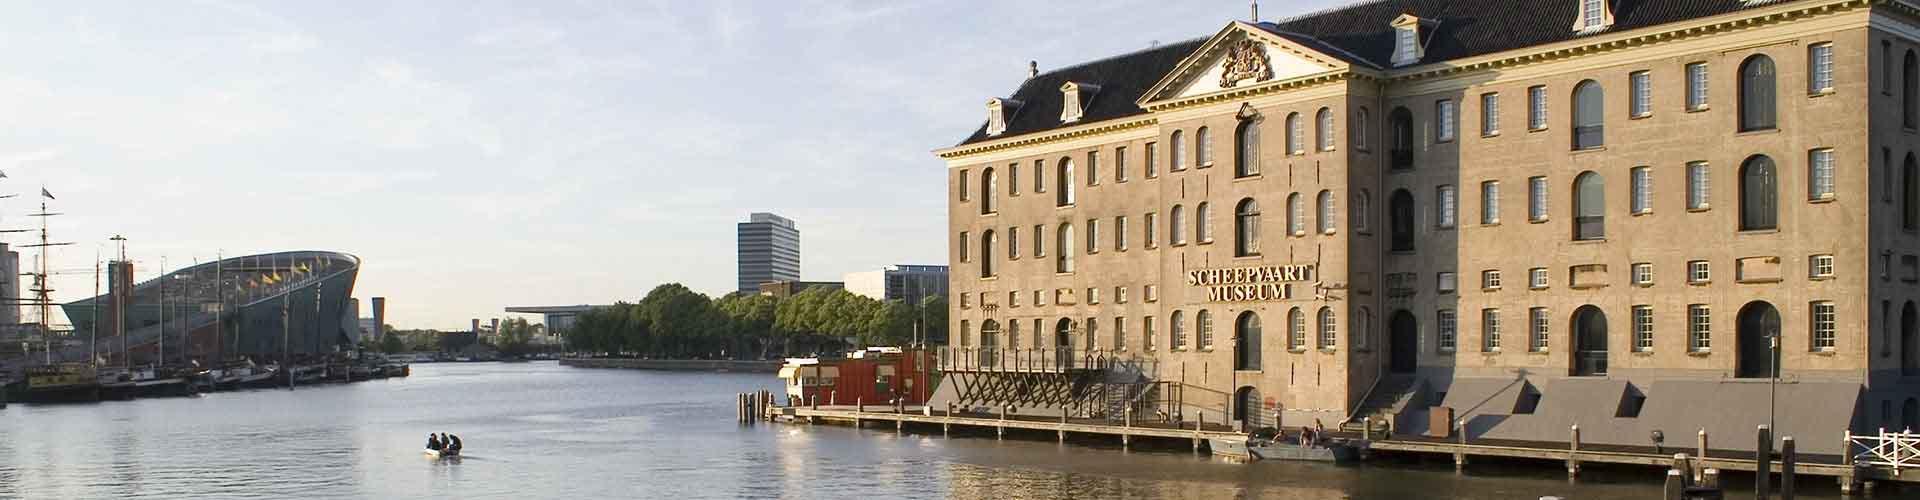 암스테르담 - 네덜란드 국립해양 역사박물관에 가까운 호텔. 암스테르담의 지도, 암스테르담에 위치한 호텔에 대한 사진 및 리뷰.